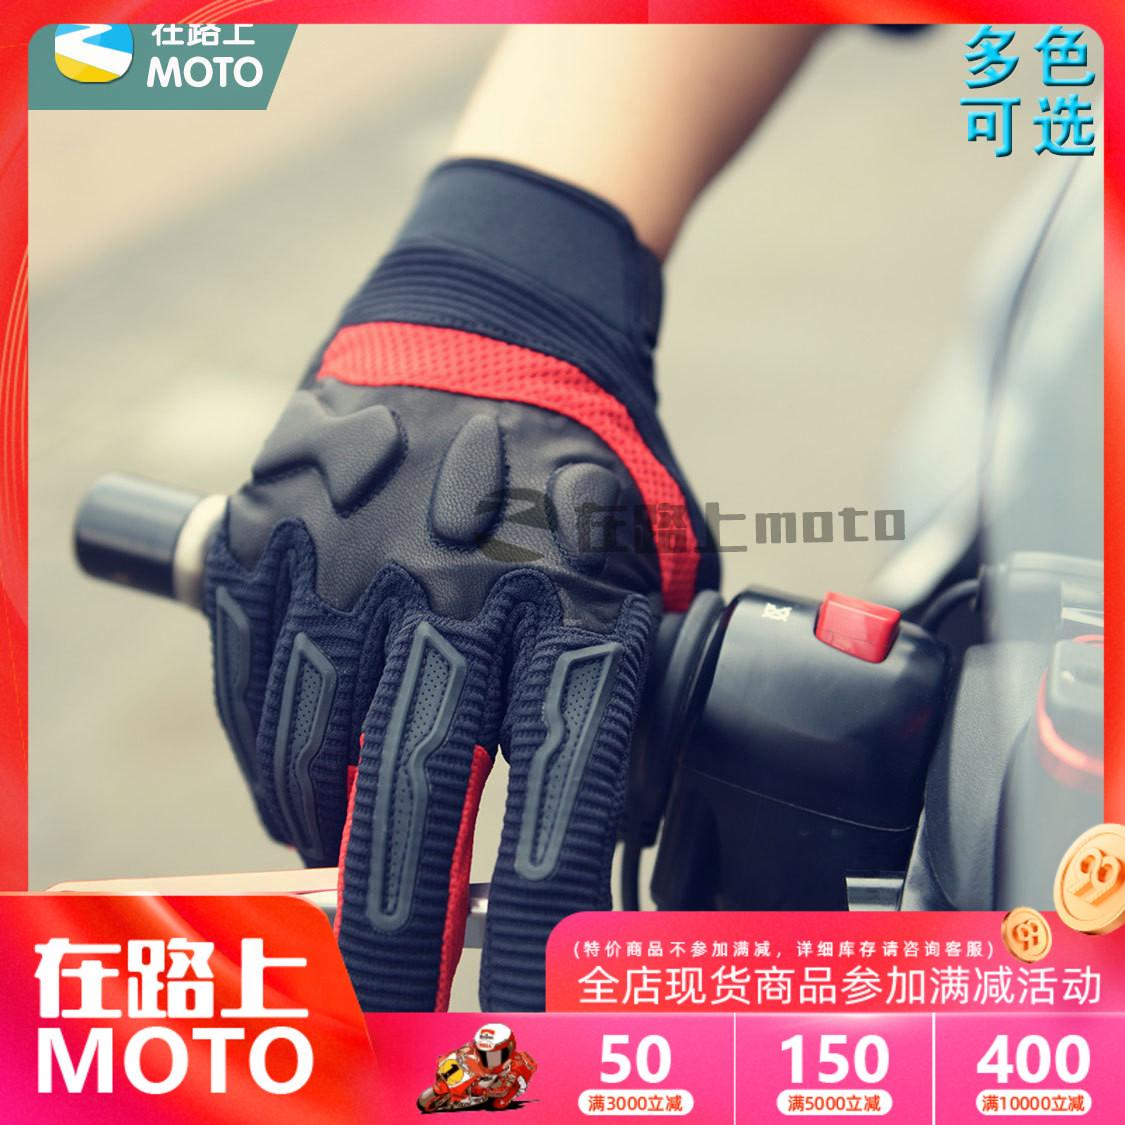 现货|丹尼斯dainese air frame摩托车夏季网眼透气骑行装备手套